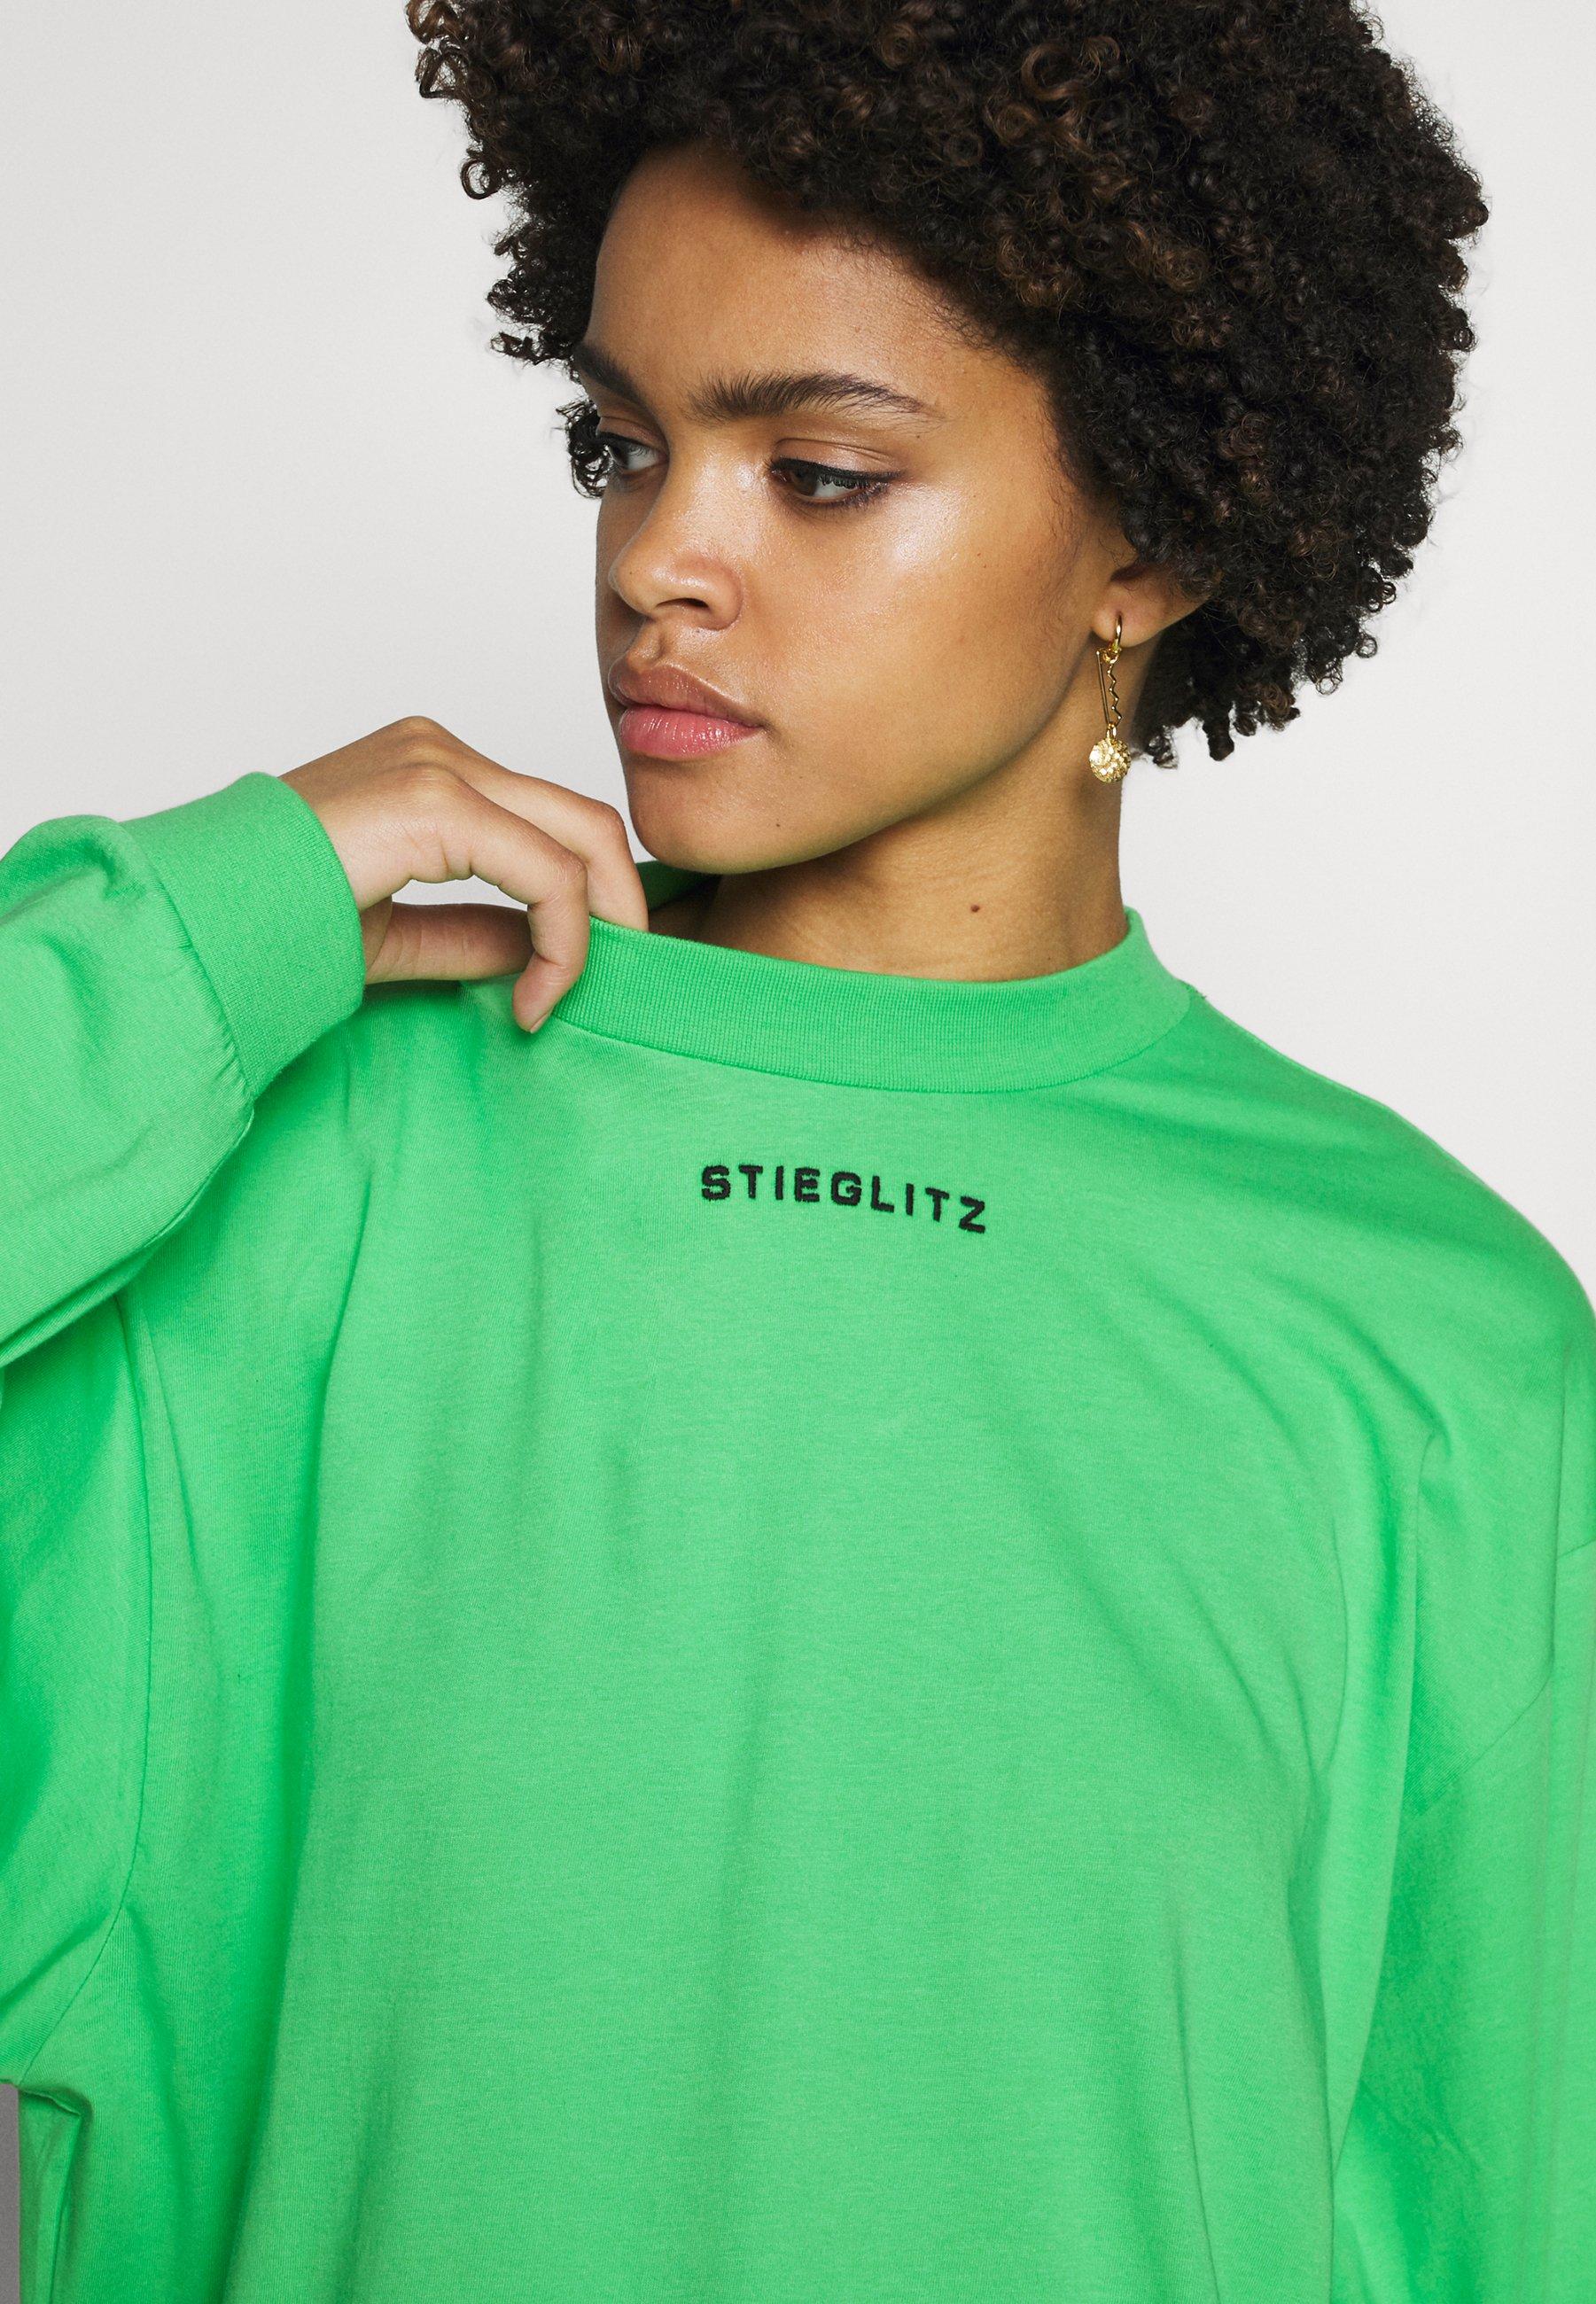 Stieglitz Stieg Skateshirt - Långärmad Tröja Green